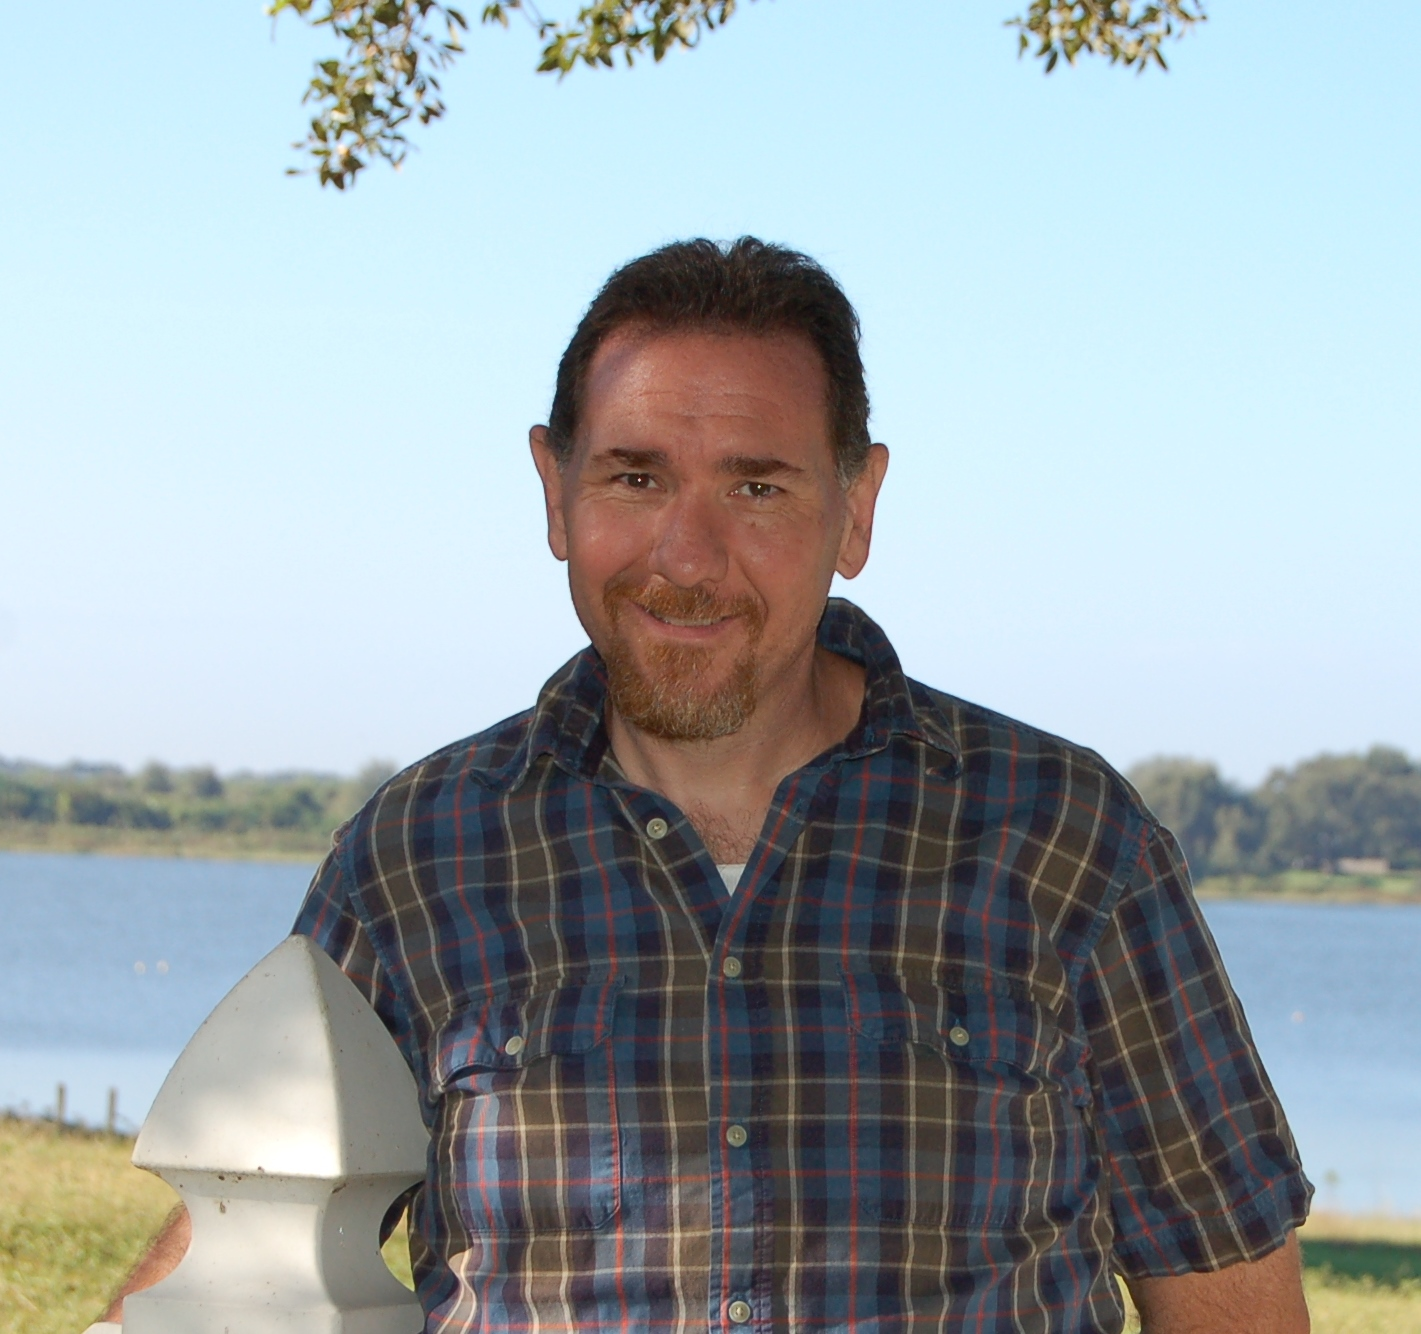 Kevin Perdomo